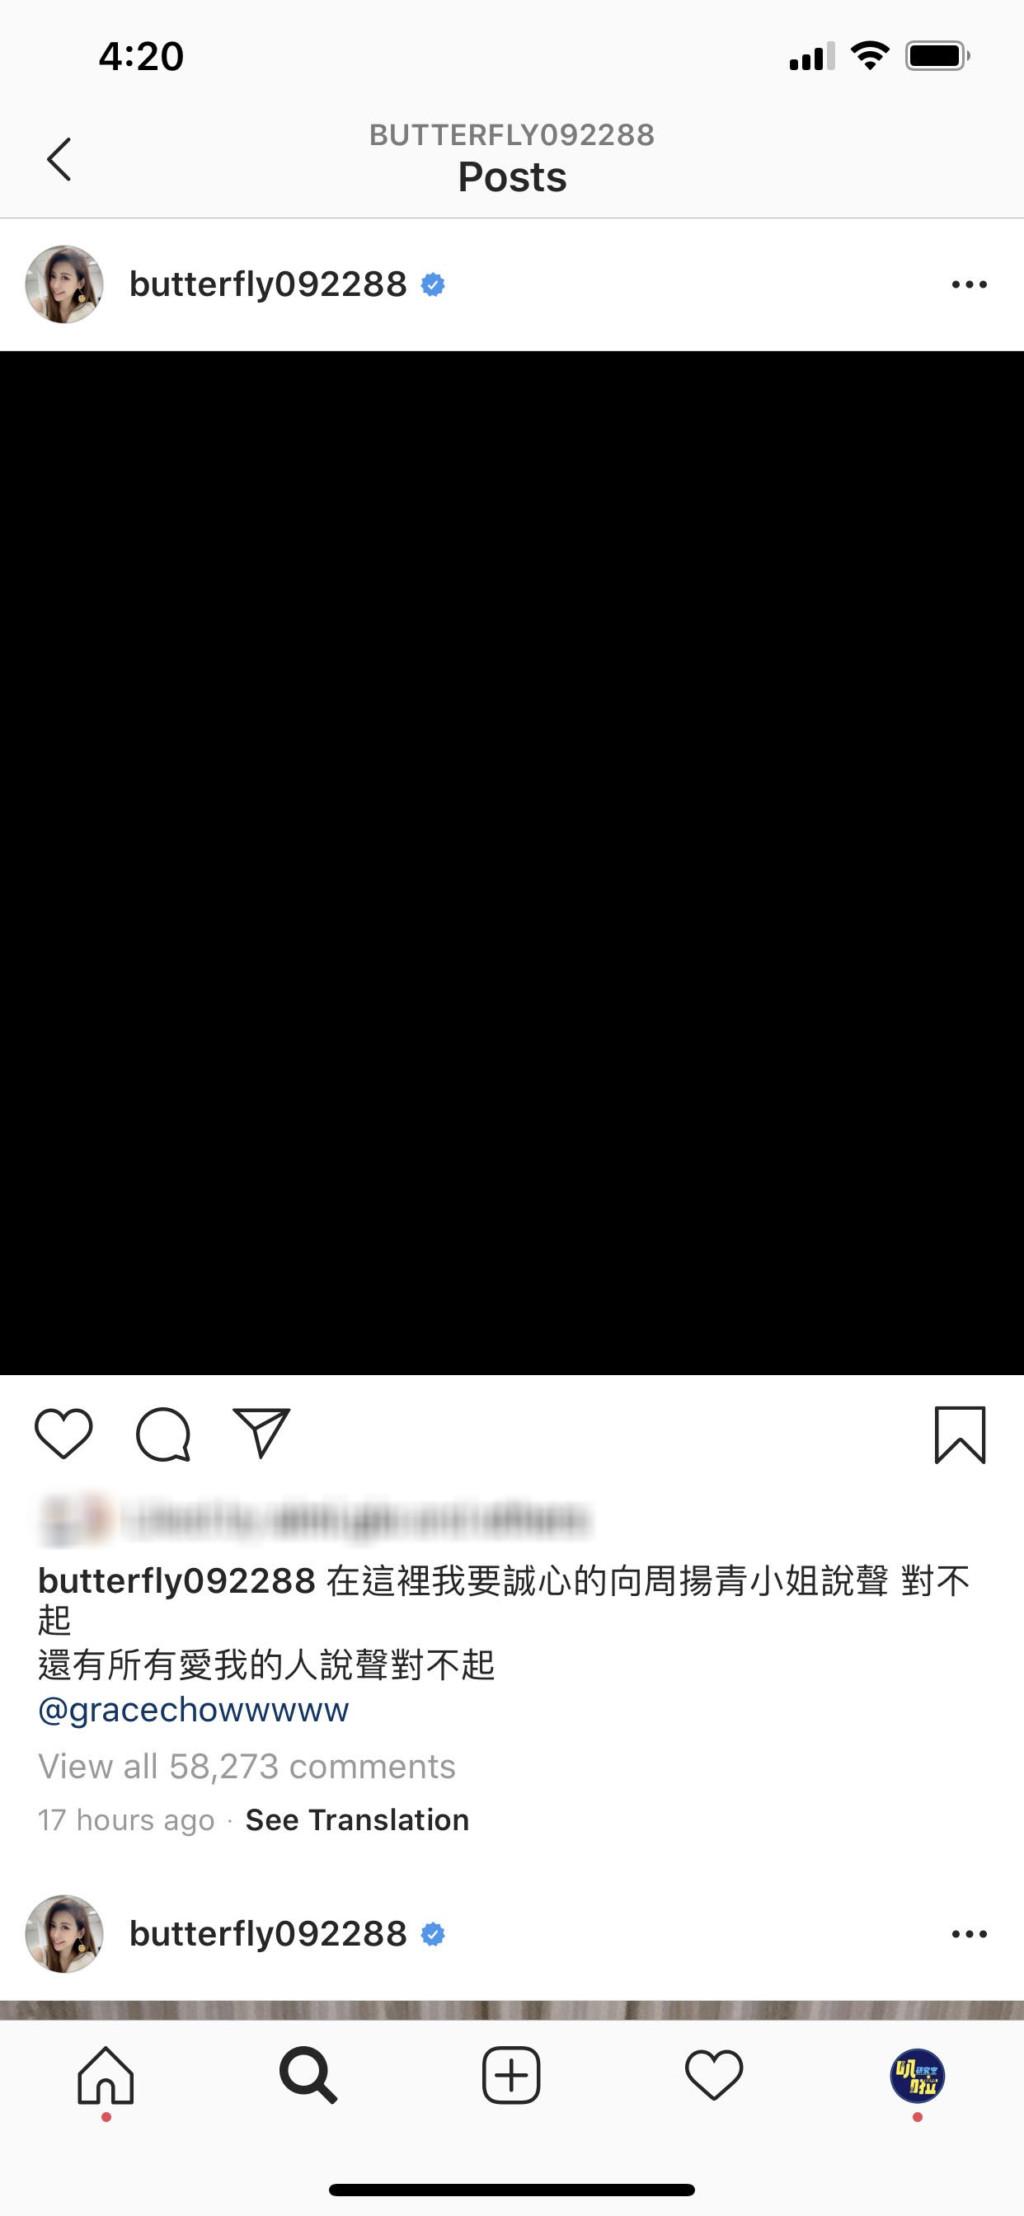 愷樂IG「對周揚青的道歉文」一夜間銳變成超殘酷「刪留言煉獄」!